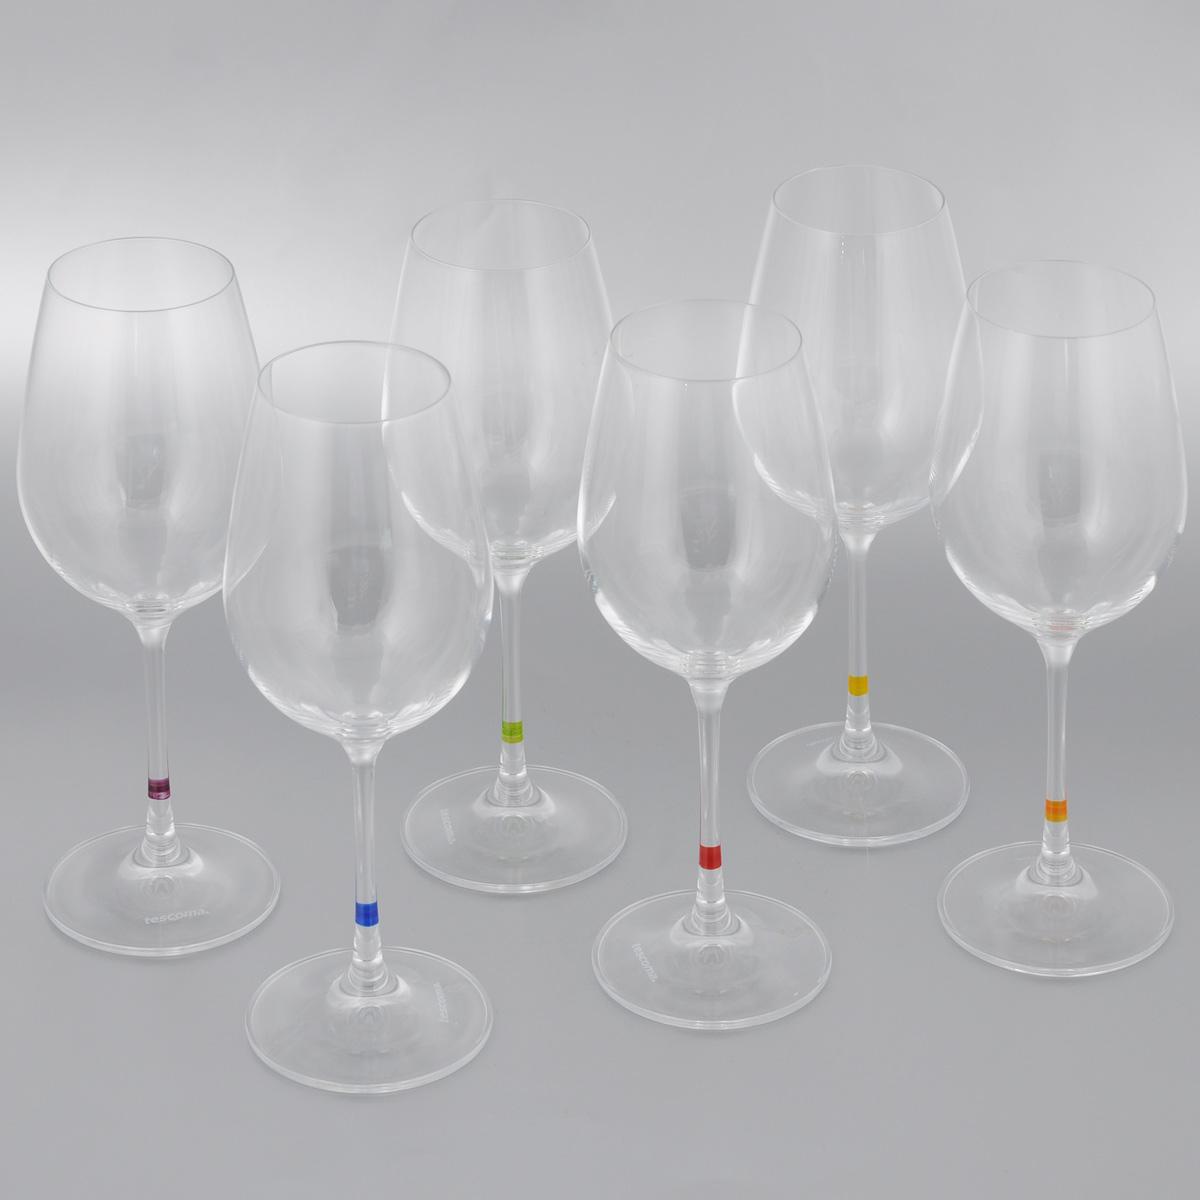 Набор бокалов для вина Tescoma Uno Vino, 350 мл, 6 шт695494Набор Tescoma Uno Vino, выполненный из прочного стекла, состоит из шести бокалов. Изделия предназначены для подачи вина. Они сочетают в себе элегантный дизайн и функциональность. Набор бокалов Tescoma Uno Vino прекрасно оформит праздничный стол и создаст приятную атмосферу за романтическим ужином.